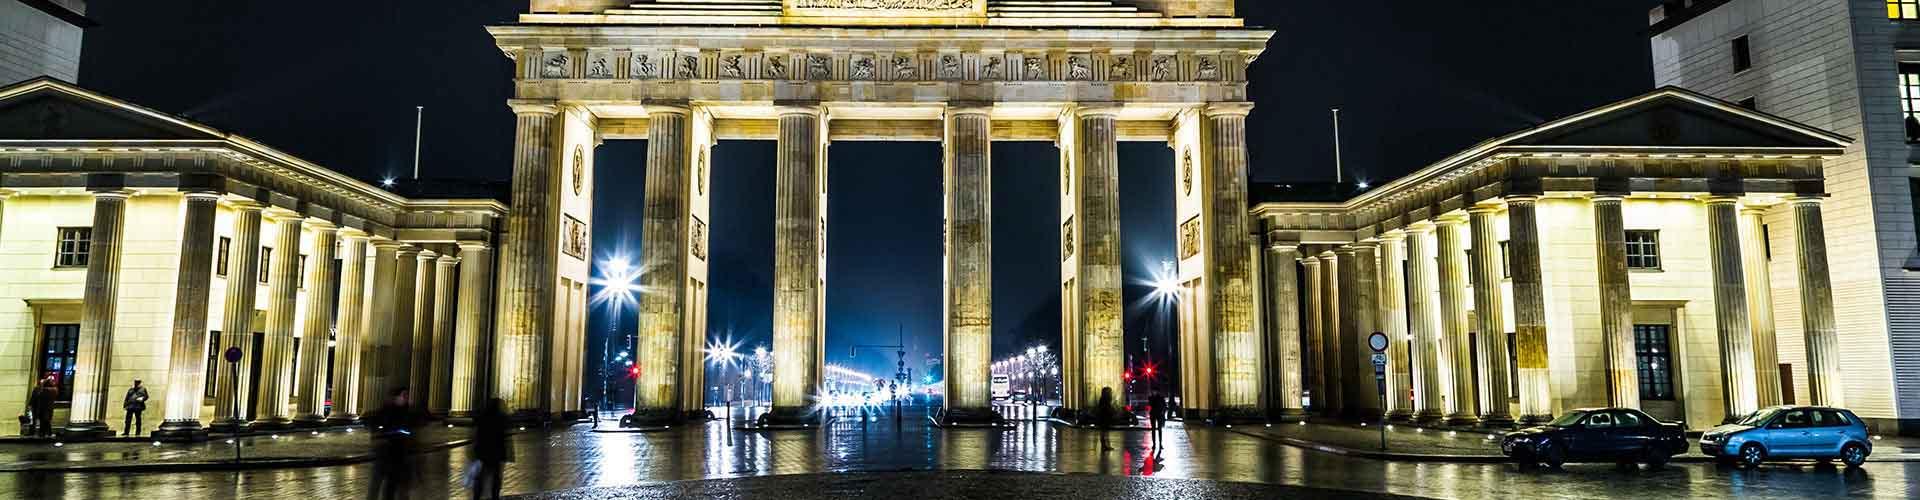 柏林 – 勃兰登堡门附近的公寓。柏林地图,柏林每间公寓的照片和评价。